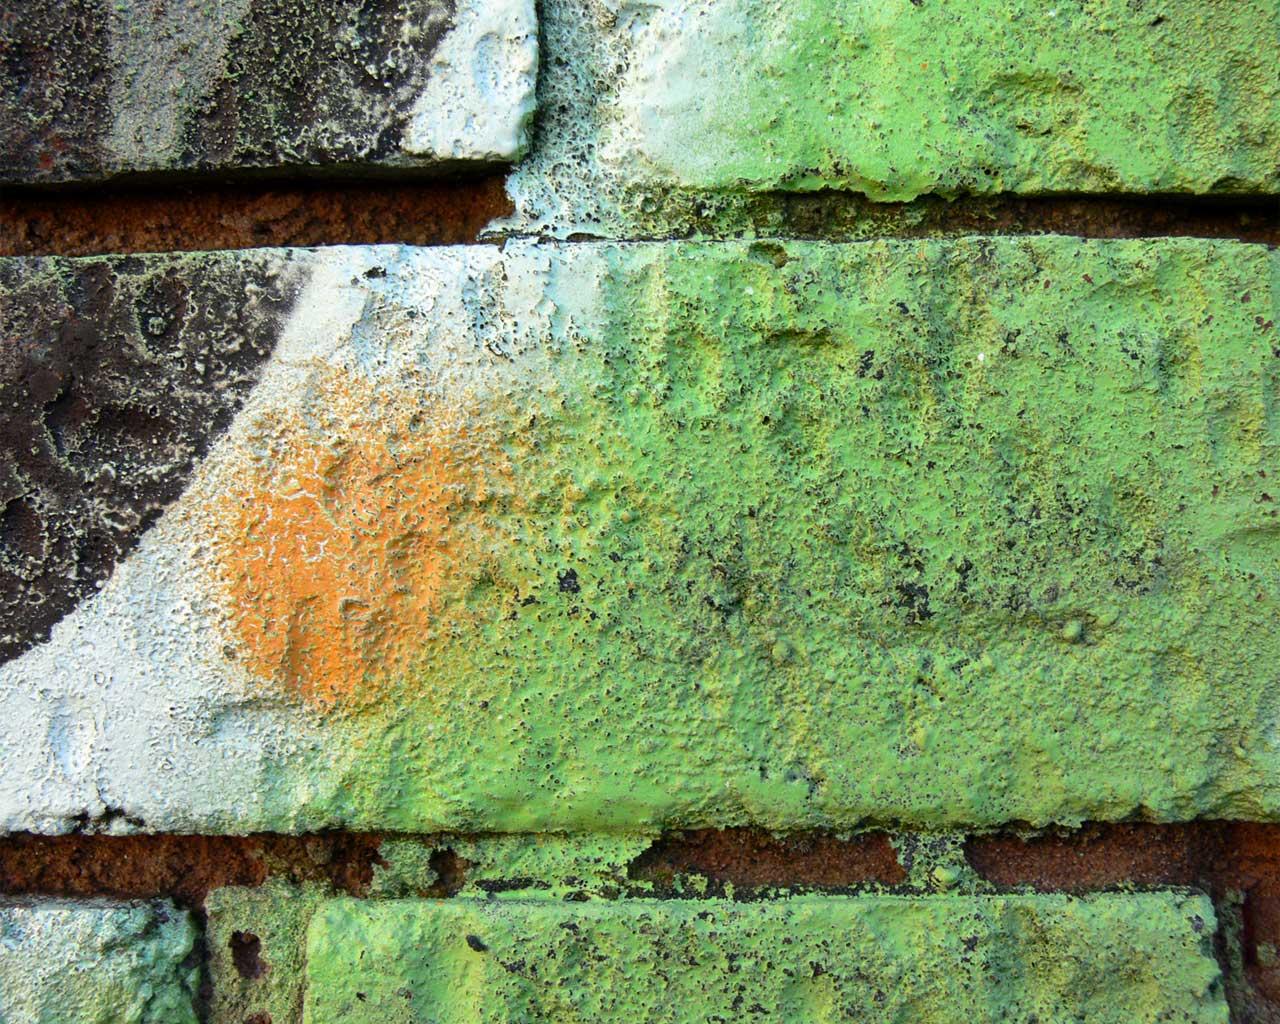 http://4.bp.blogspot.com/-vgD2bUXOdIw/ToQKOqabO8I/AAAAAAAAACU/DqpcPMuYfn4/s1600/brick-wallpaper-21-718008.jpg